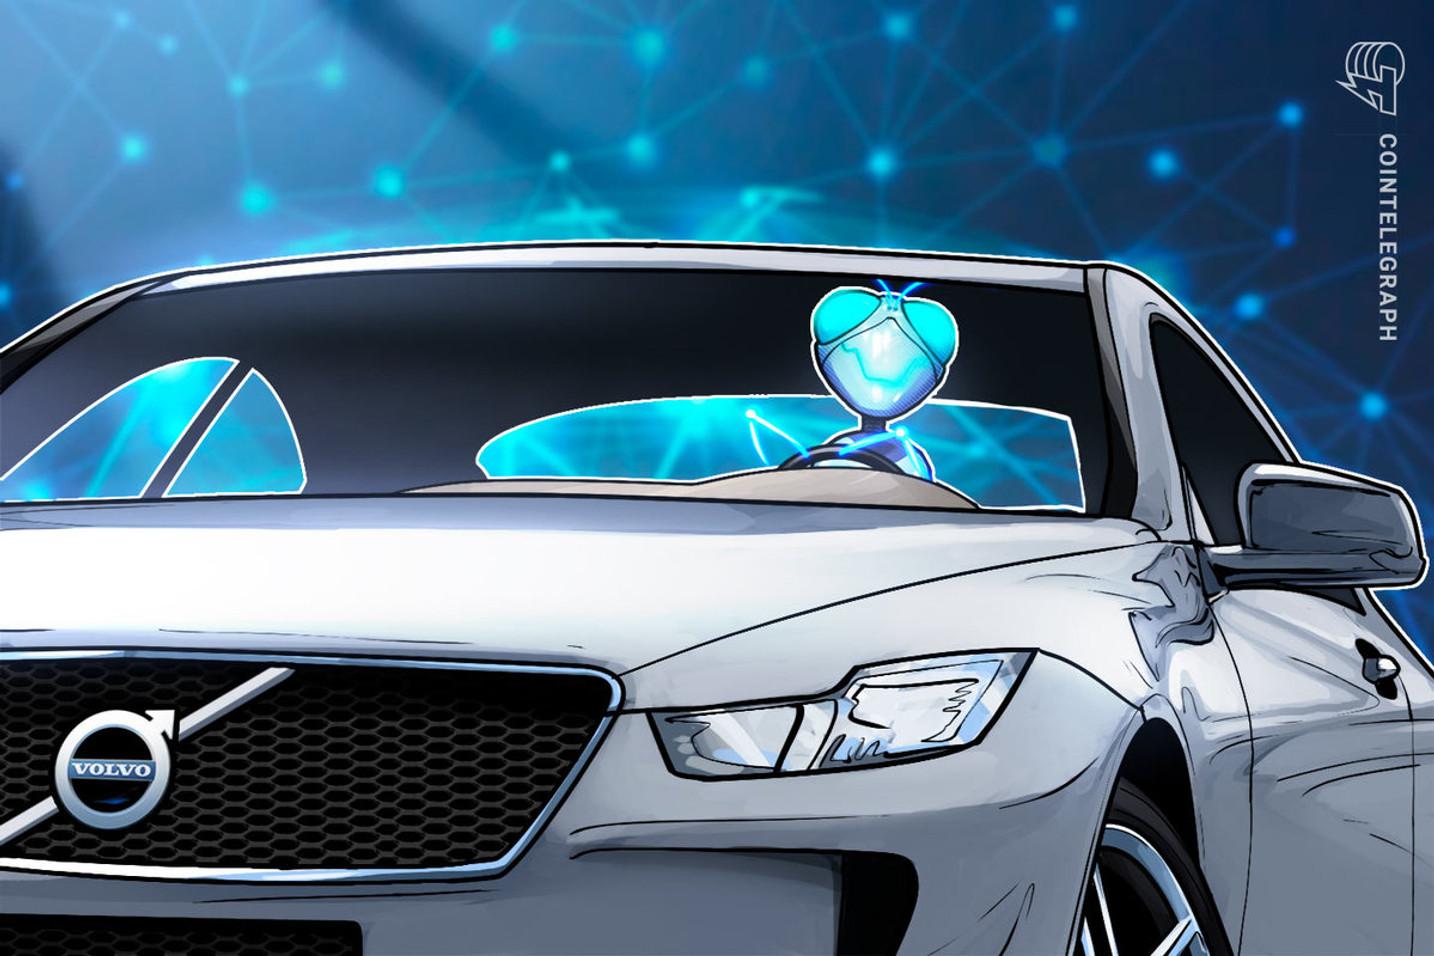 自動車大手ボルボ、EV車バッテリー向けコバルトをブロックチェーンで追跡へ【ニュース】